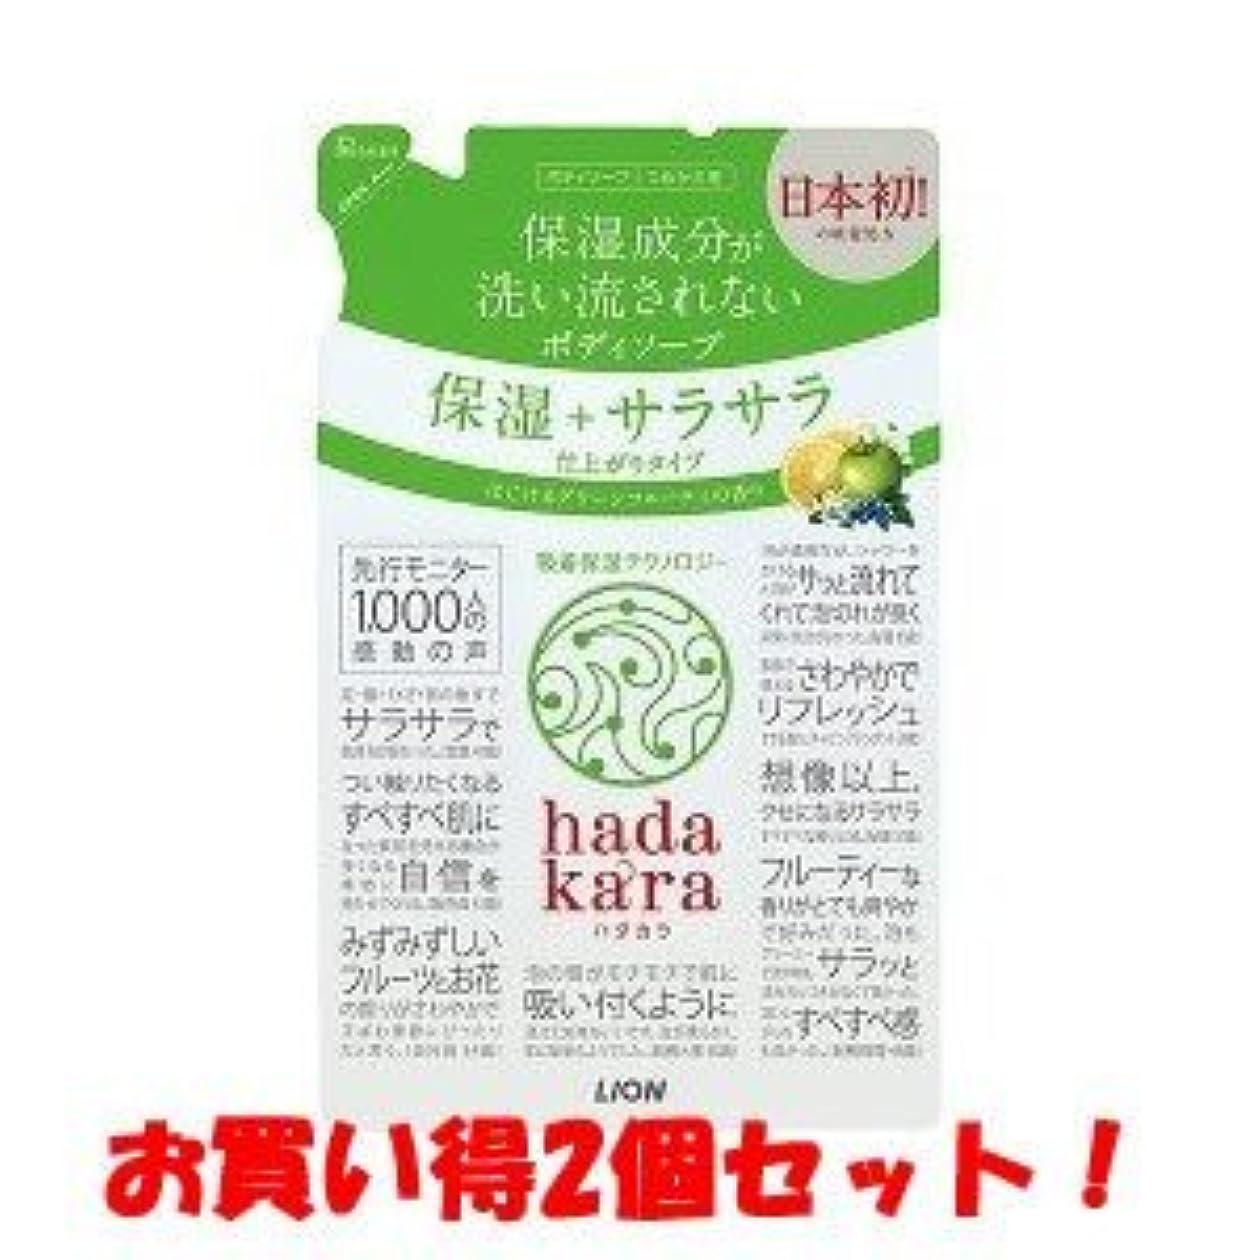 シャッフル闇ゆでる(2017年新商品)(ライオン)hadakara(ハダカラ) ボディソープ 保湿+サラサラ仕上がりタイプ グリーンフルーティの香り つめかえ用 340ml(お買い得2個セット)